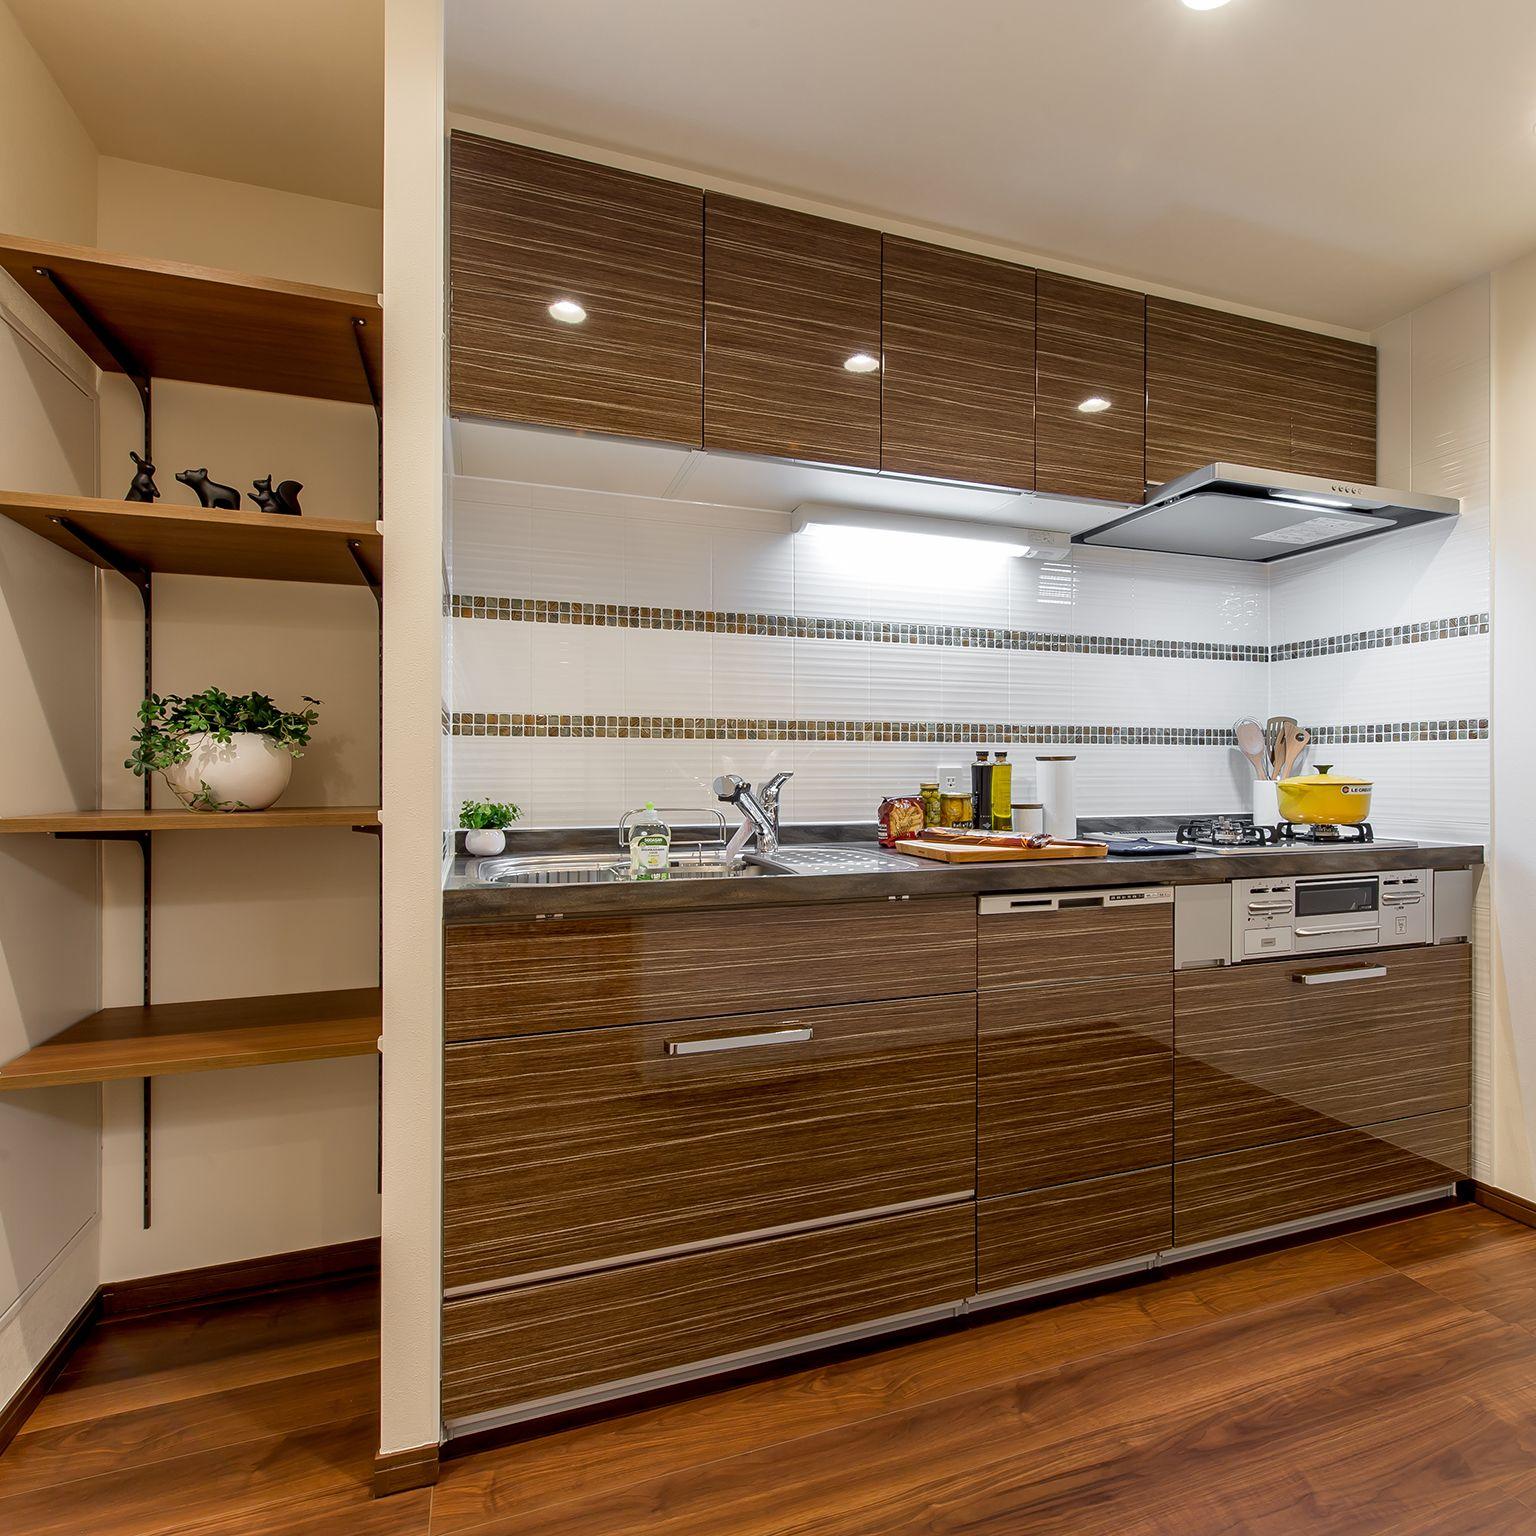 033 家族の暮らしを彩る上質な住まい キッチン 暮らし フローリング